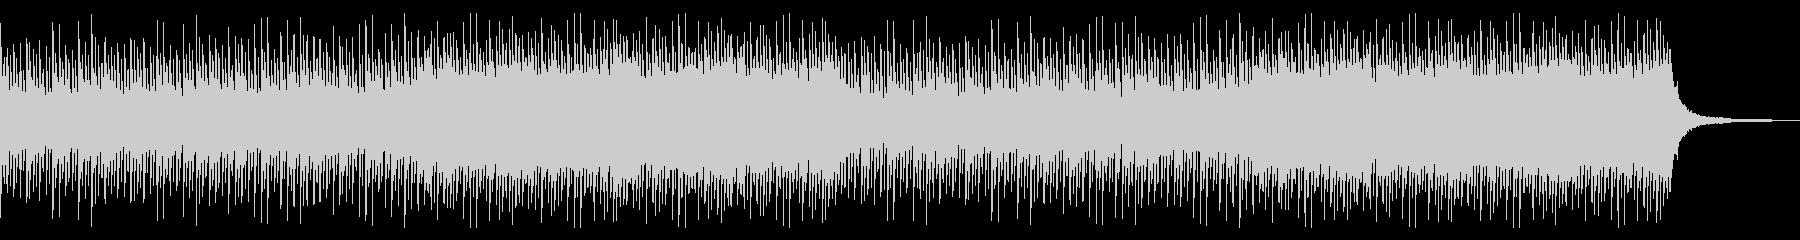 シンバルなし 切ない ピアノ ギターの未再生の波形